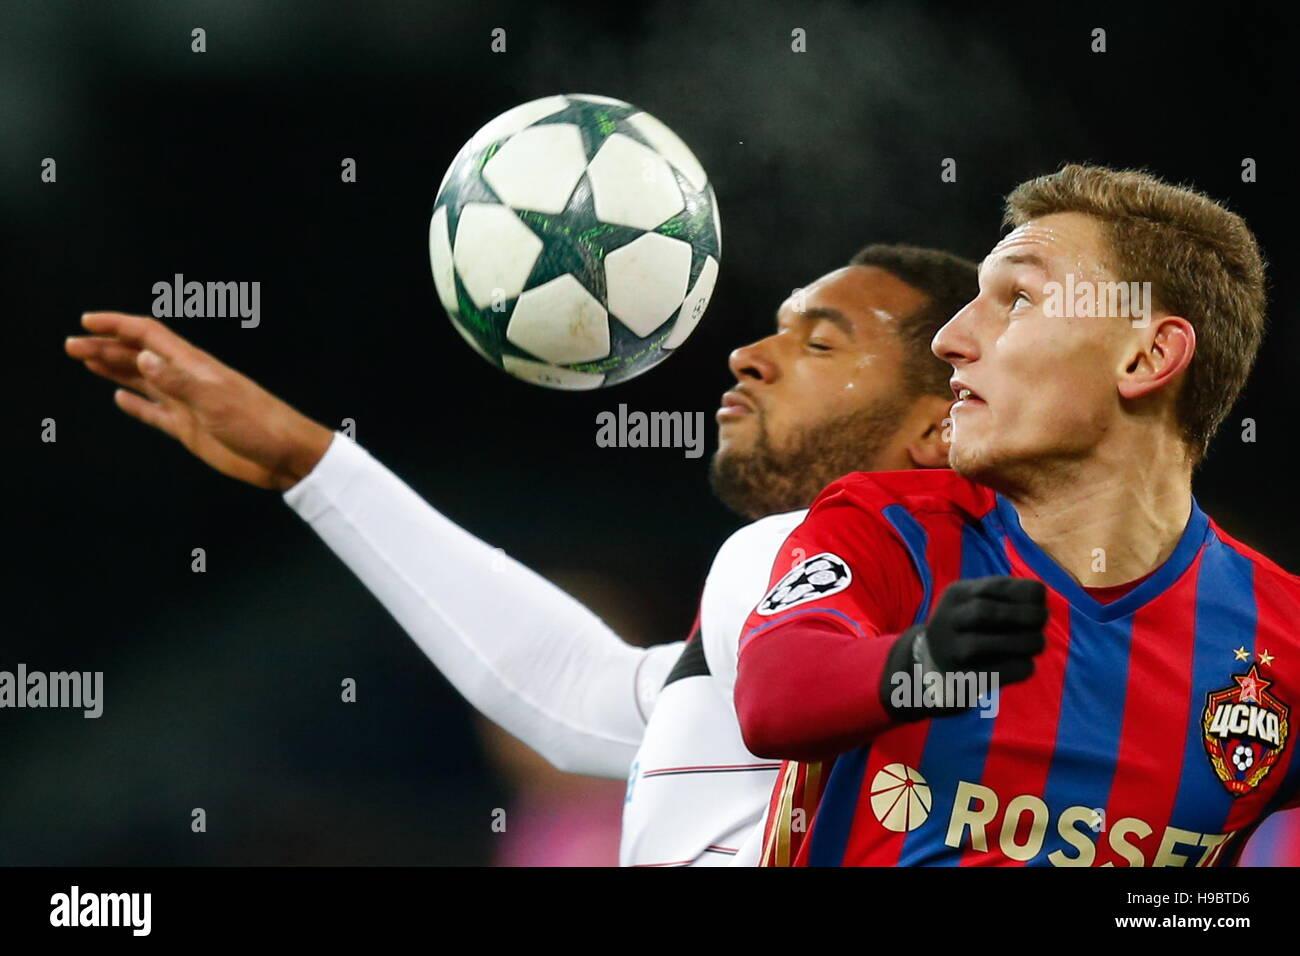 Moskau, Russland. 22. November 2016. Bayer 04 Leverkusen Jonathan Tah (L) und ZSKA Moskau Fedor Chalov in Aktion Stockfoto